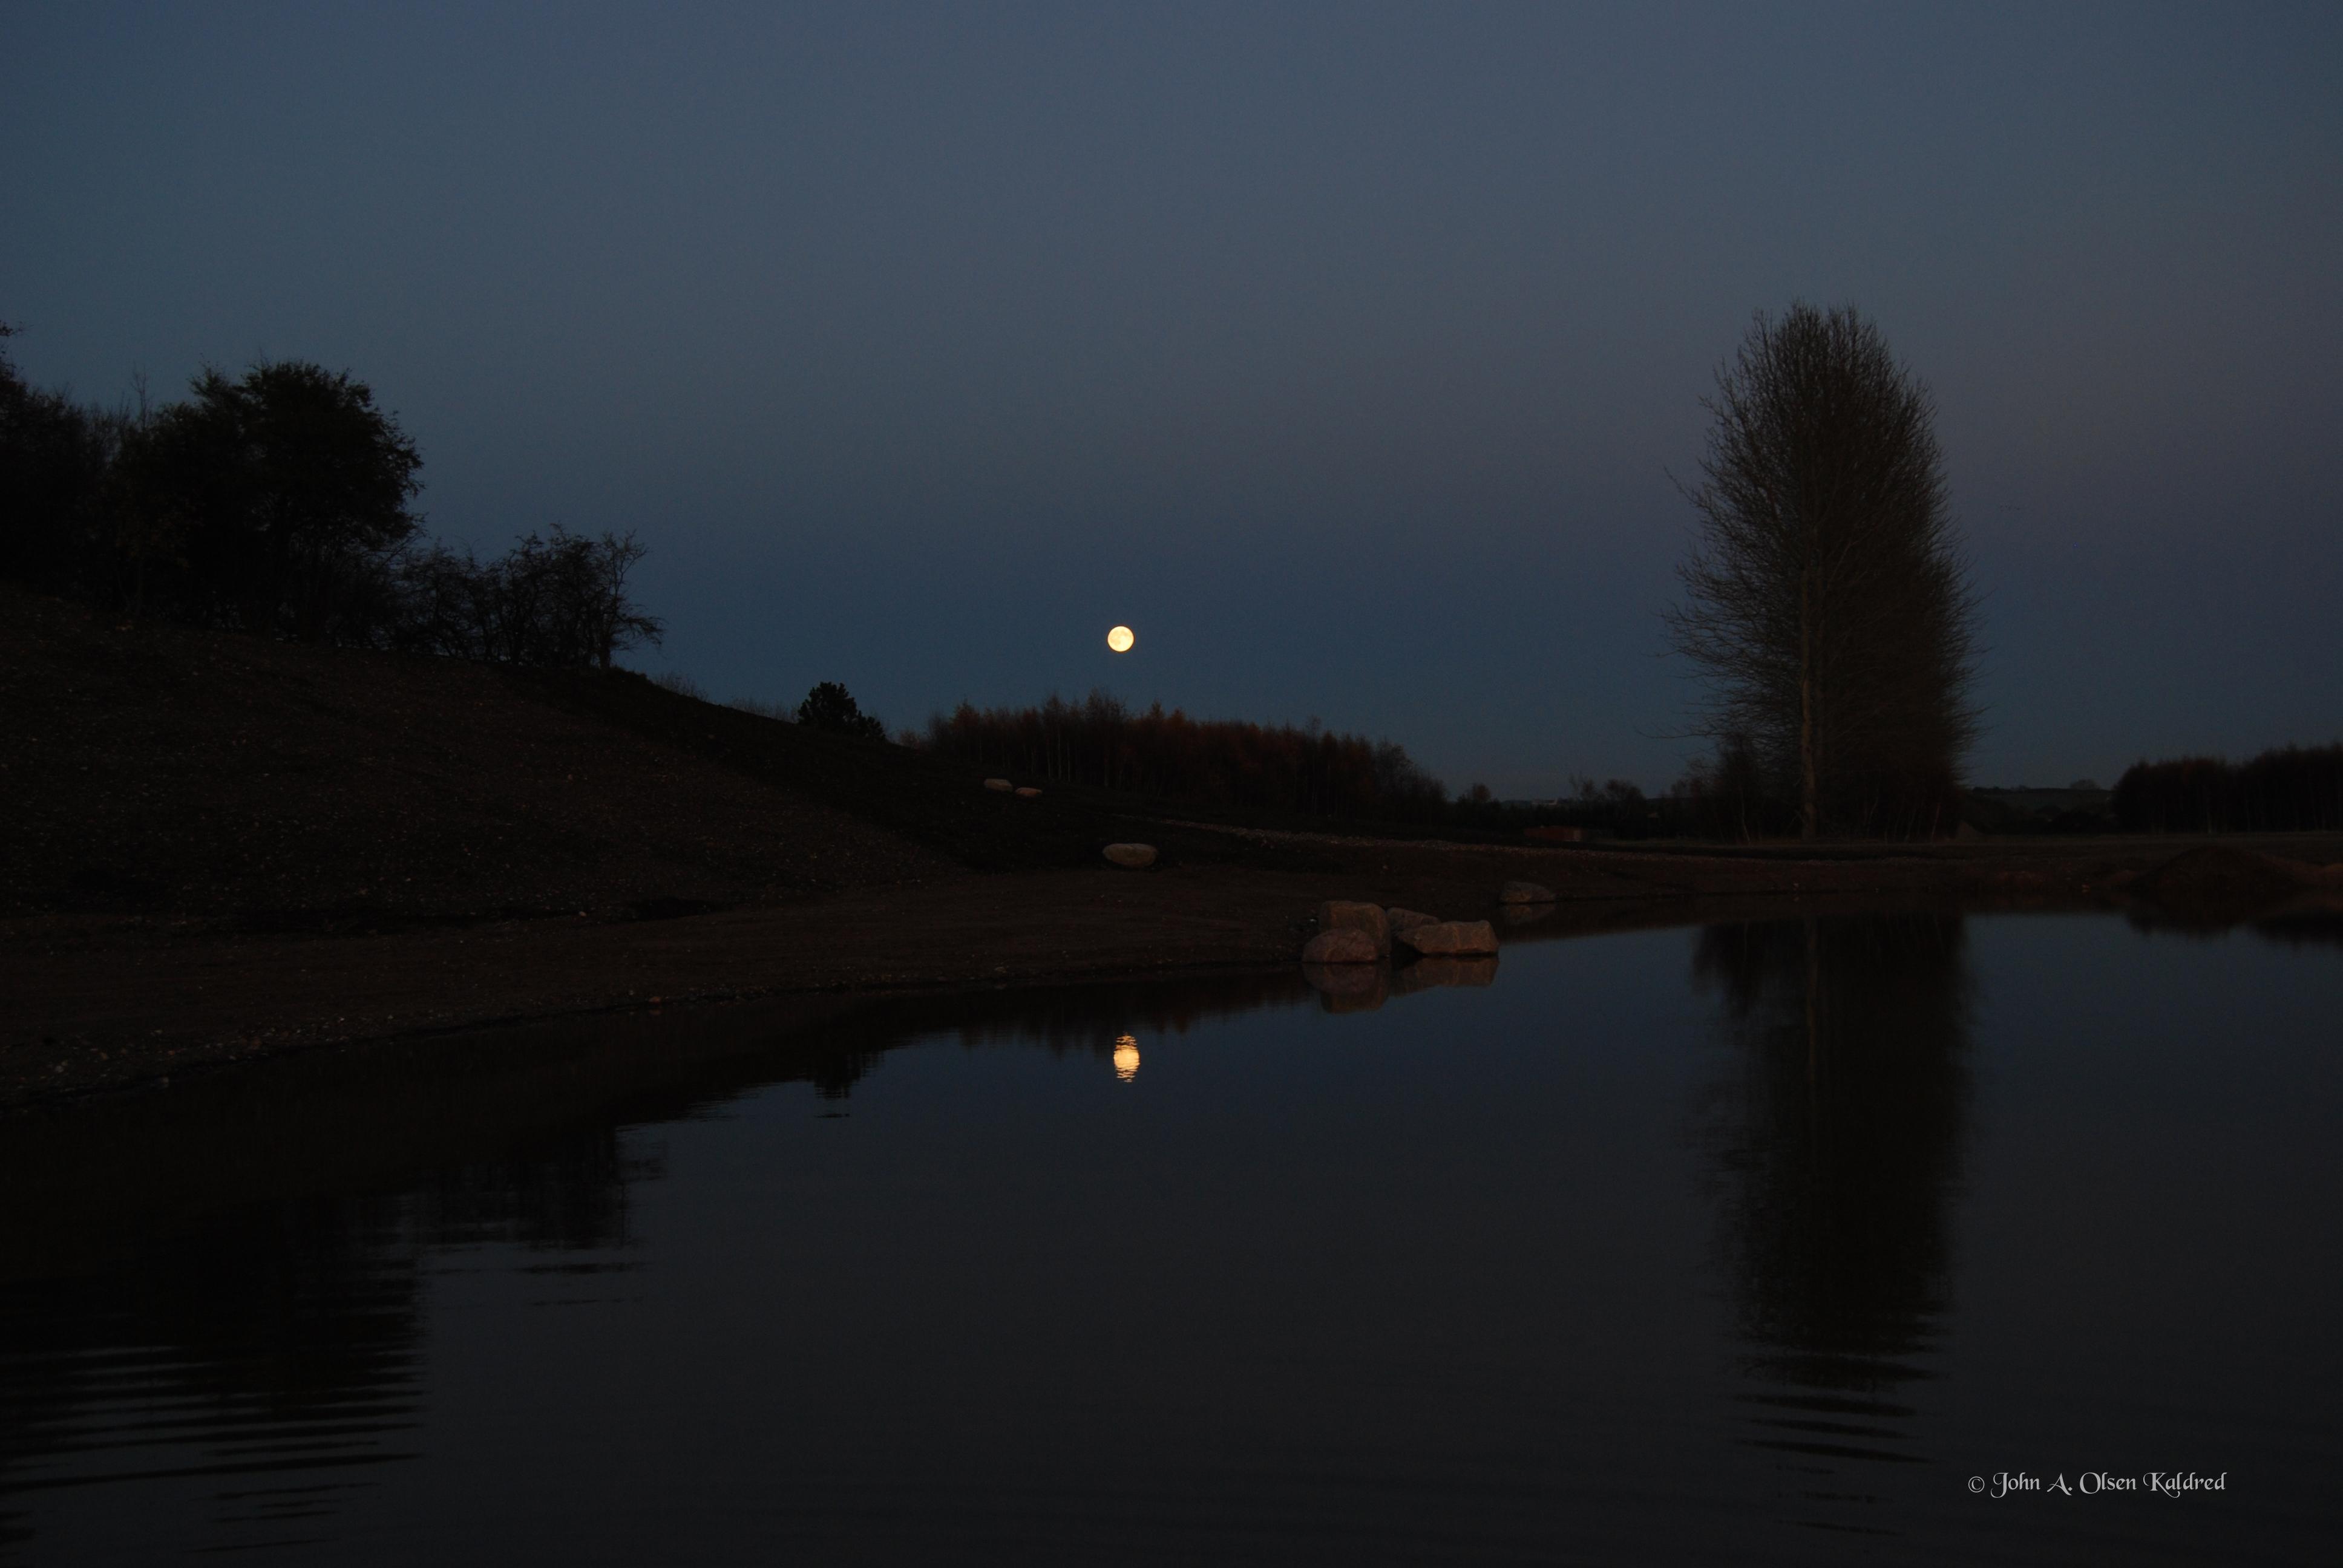 Måneskin ved søbred okt 08 009